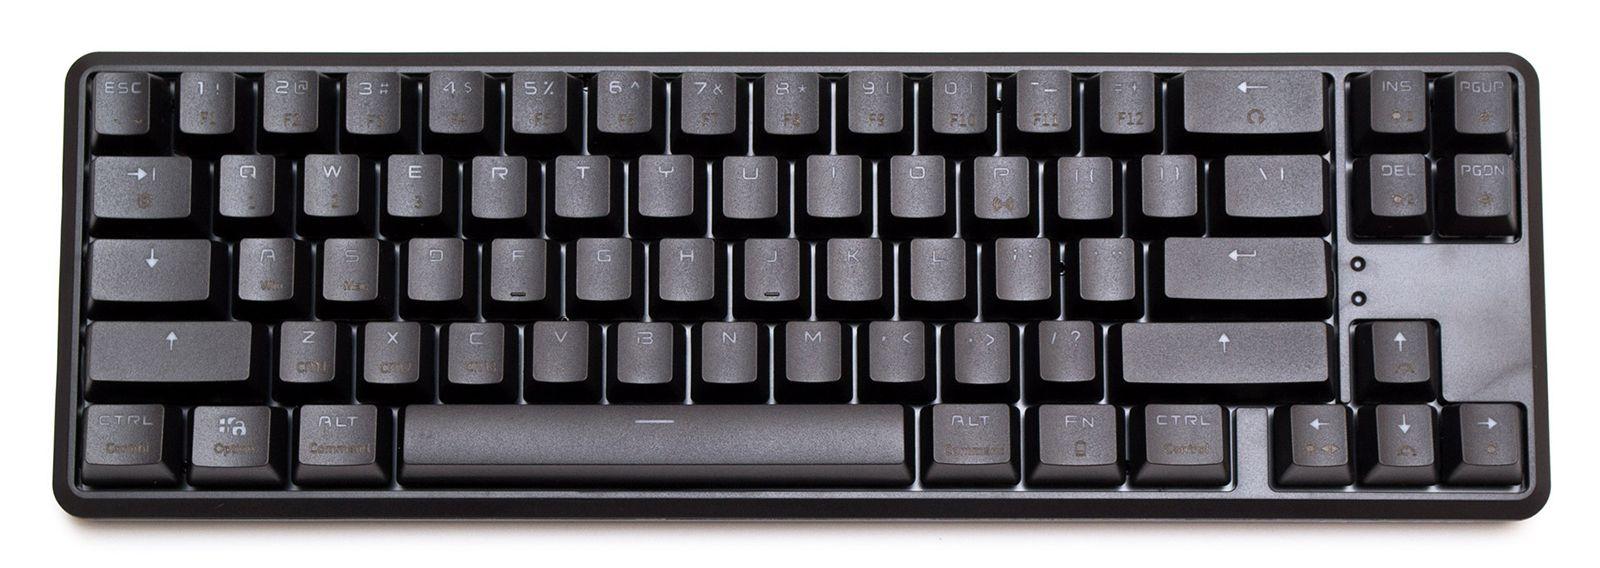 Клавиатура  Hator Skyfall HEX. Фото 6